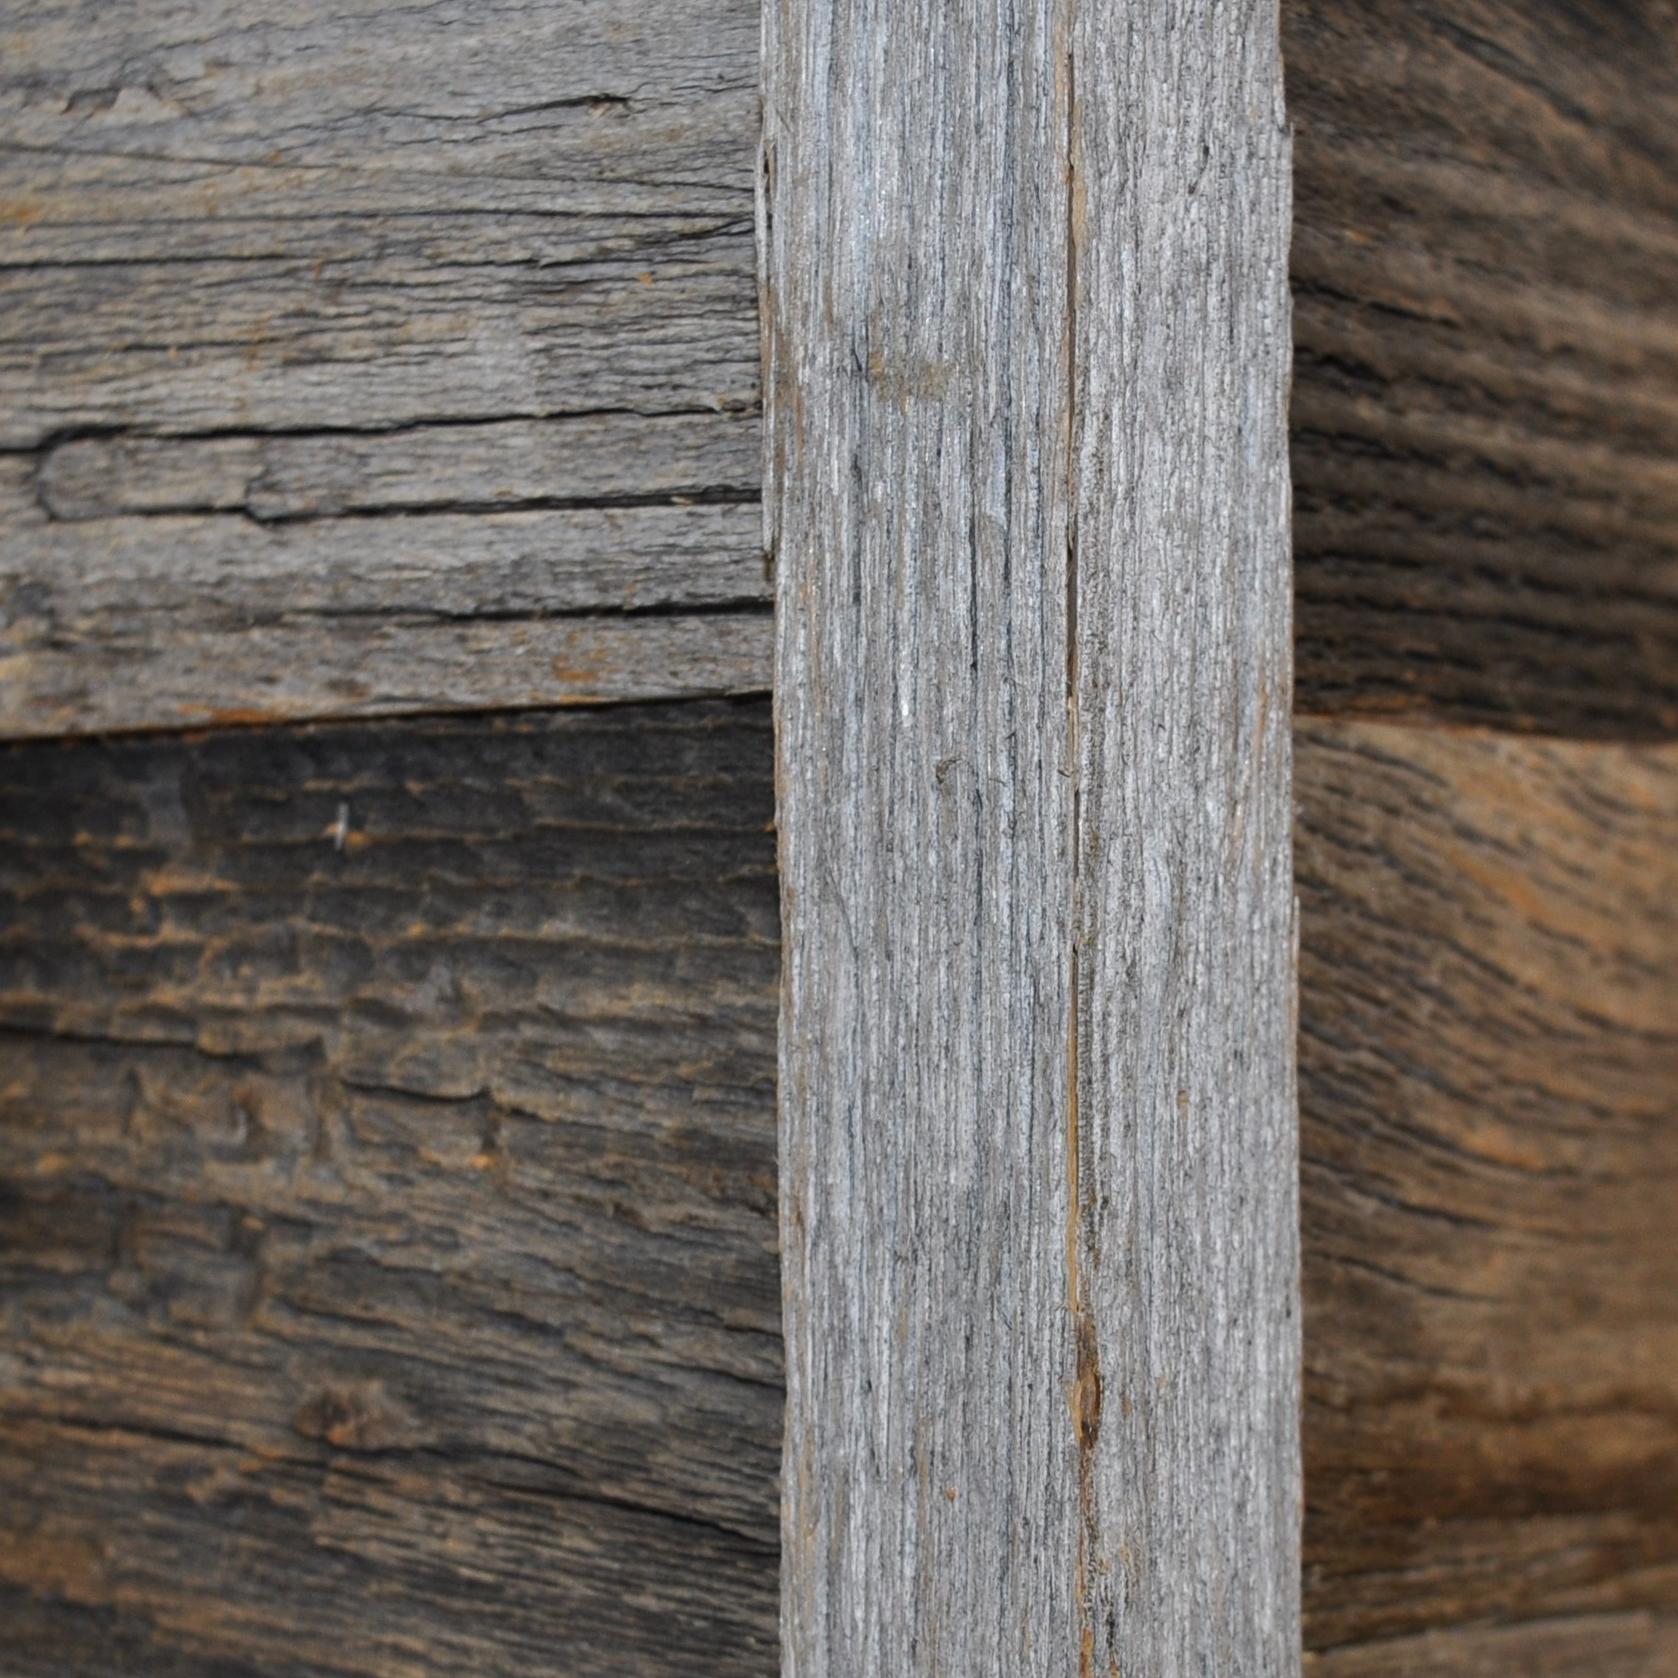 Diy Reclaimed Barn Wood Outside Corner Trim In Brown Or